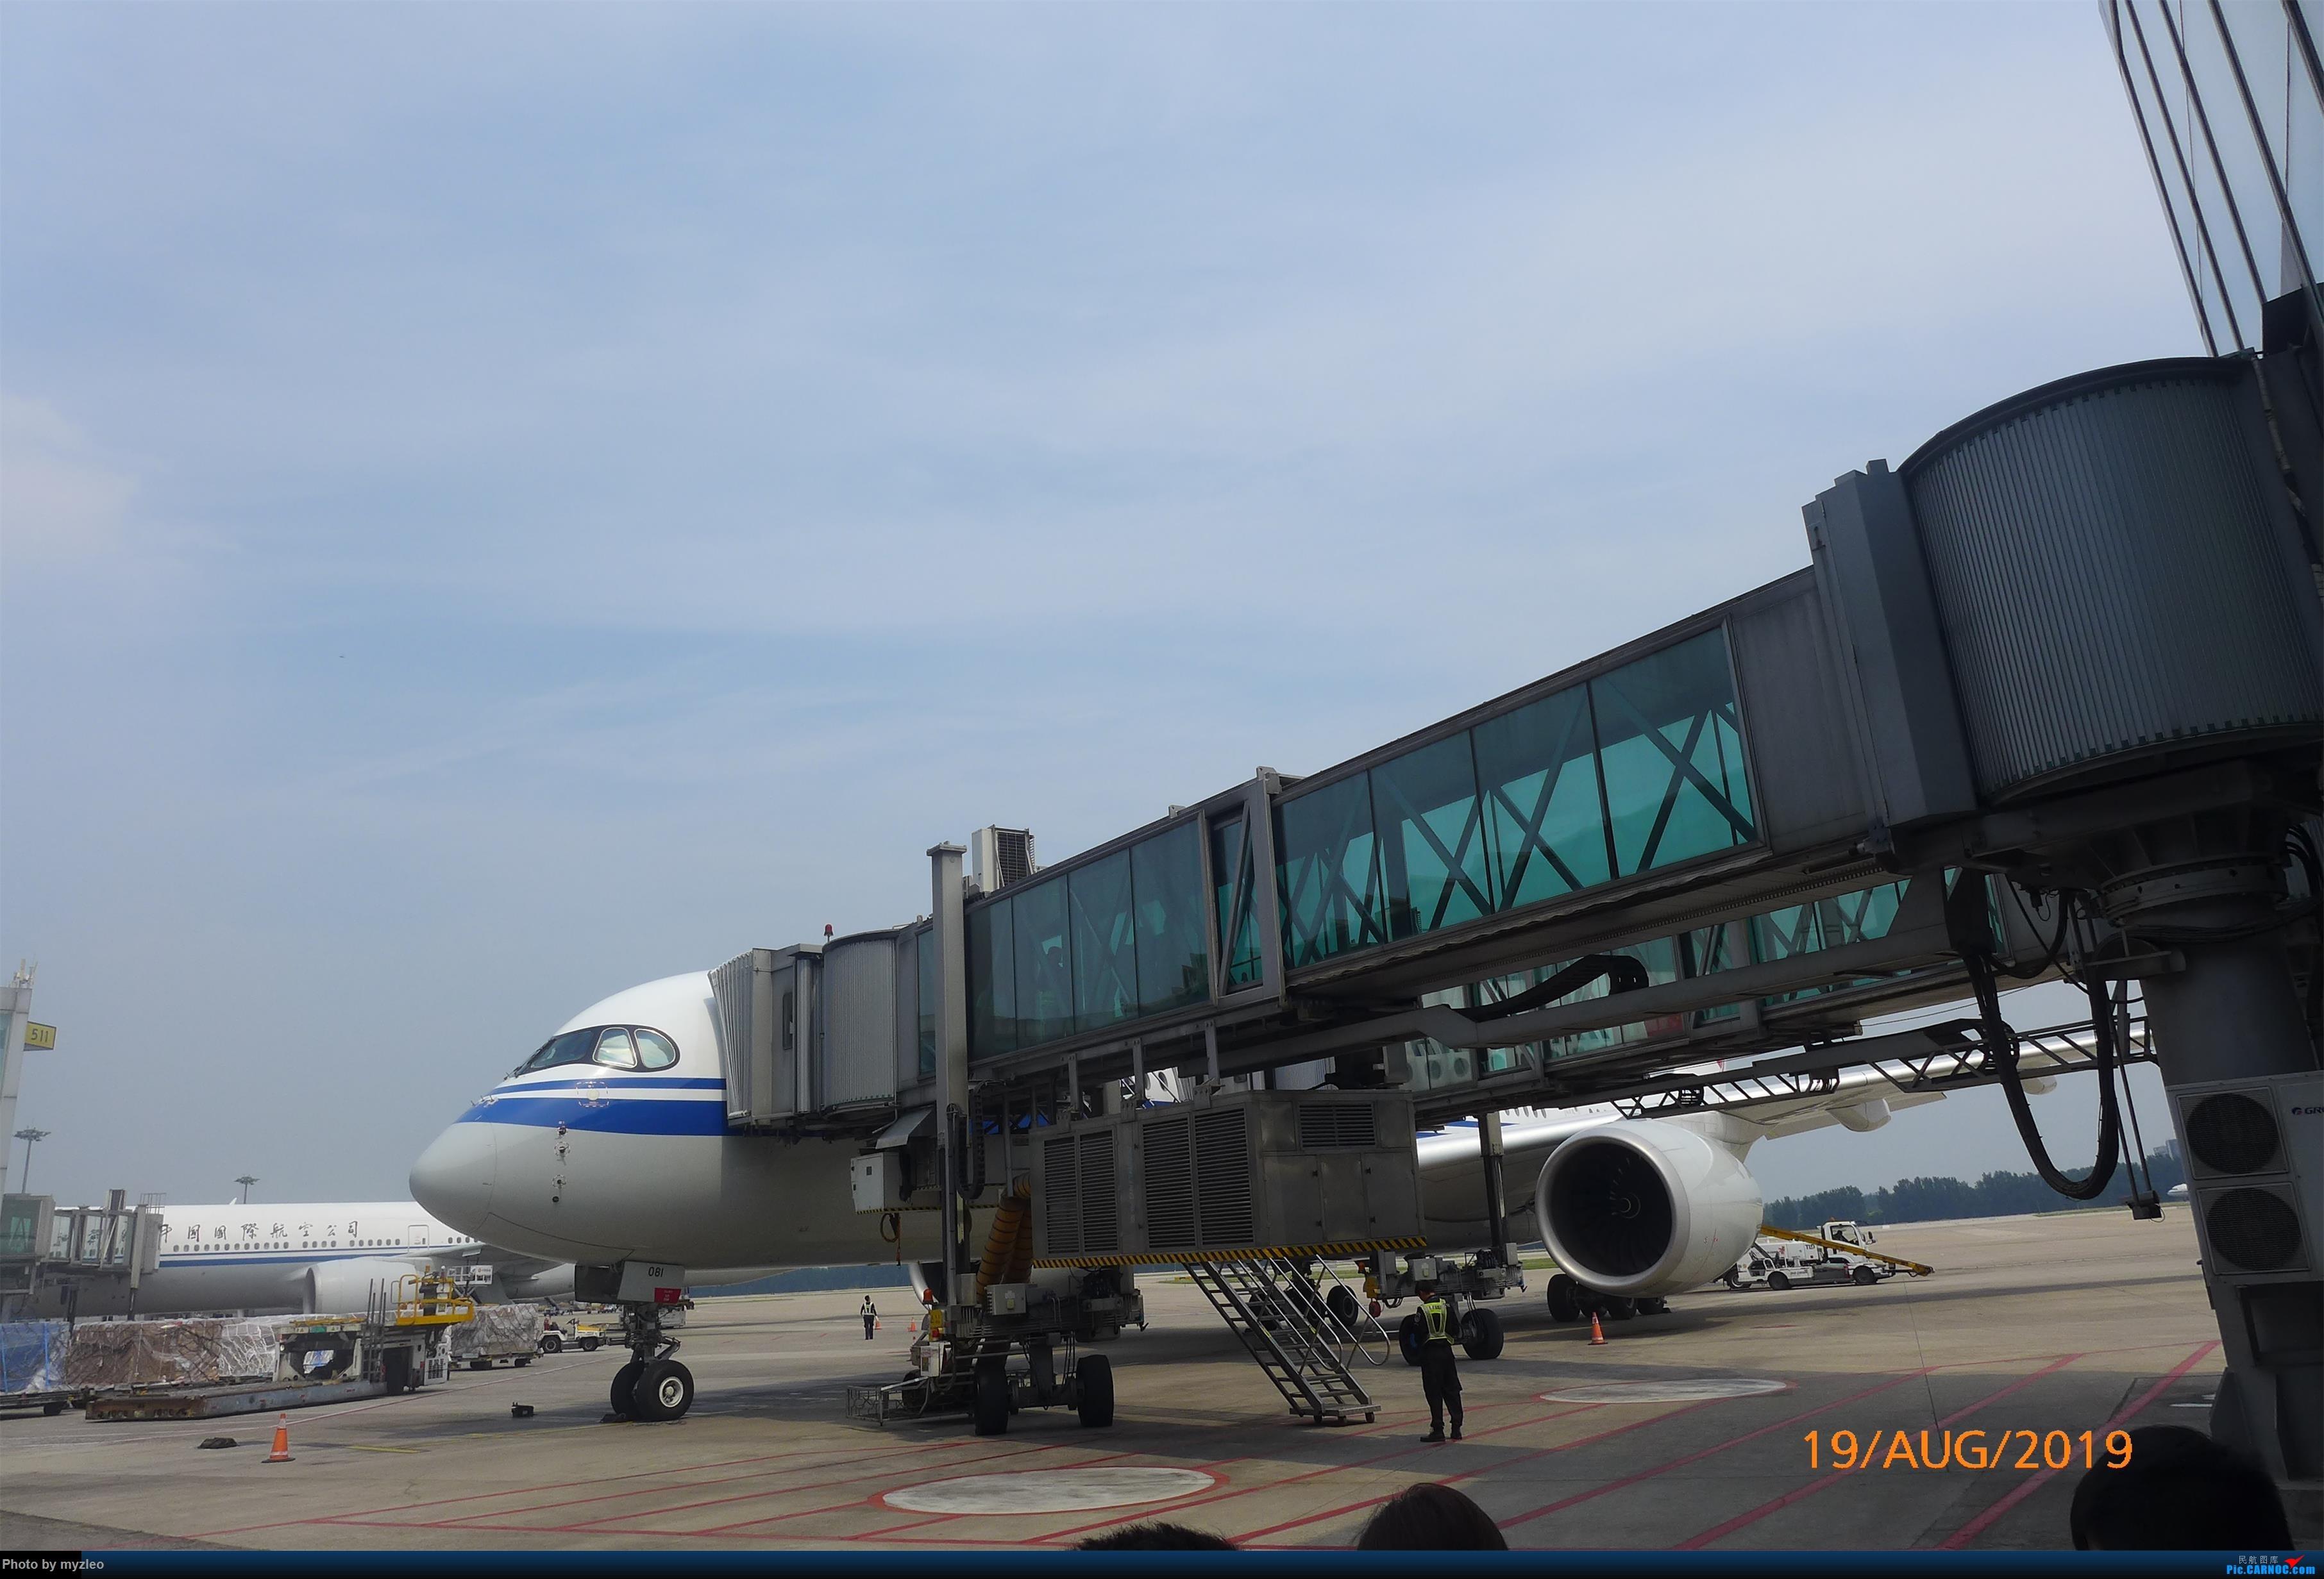 Re:[原创]【myzleo的游记5.1】梦圆一九(1)首搭国航359,北京城里到处走 AIRBUS A350-900 B-1081 中国北京首都国际机场